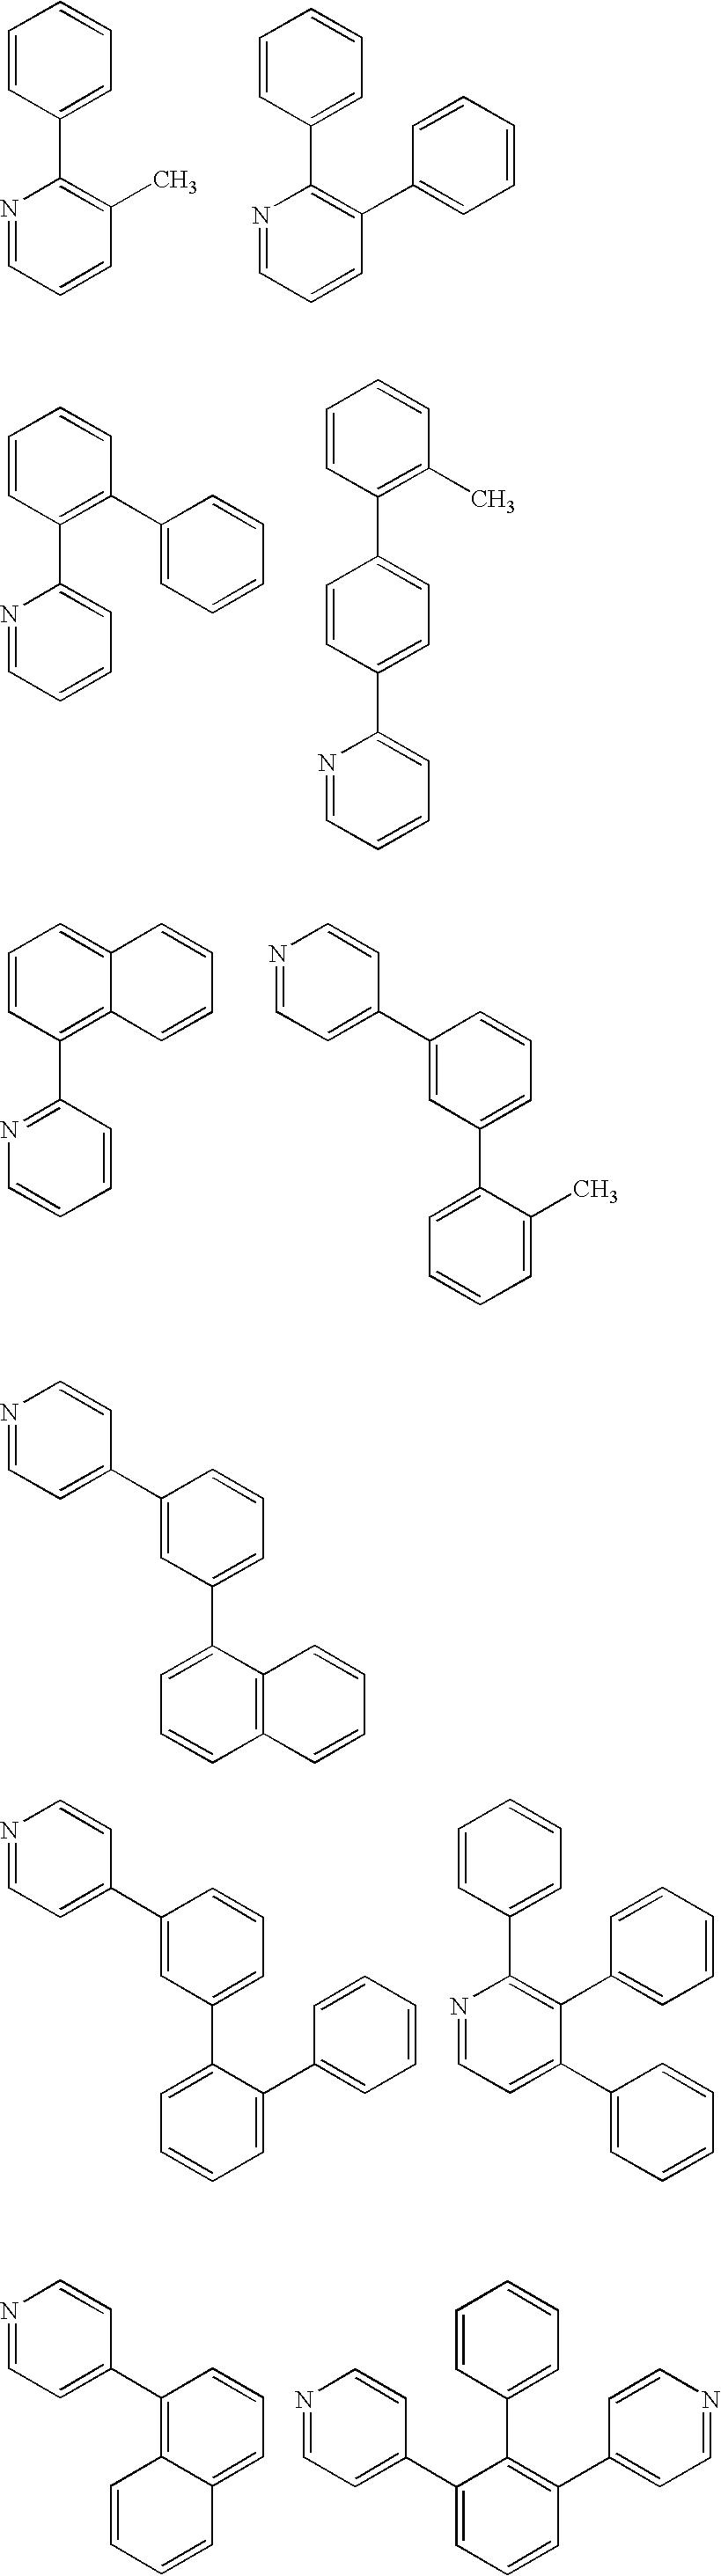 Figure US20060186796A1-20060824-C00089